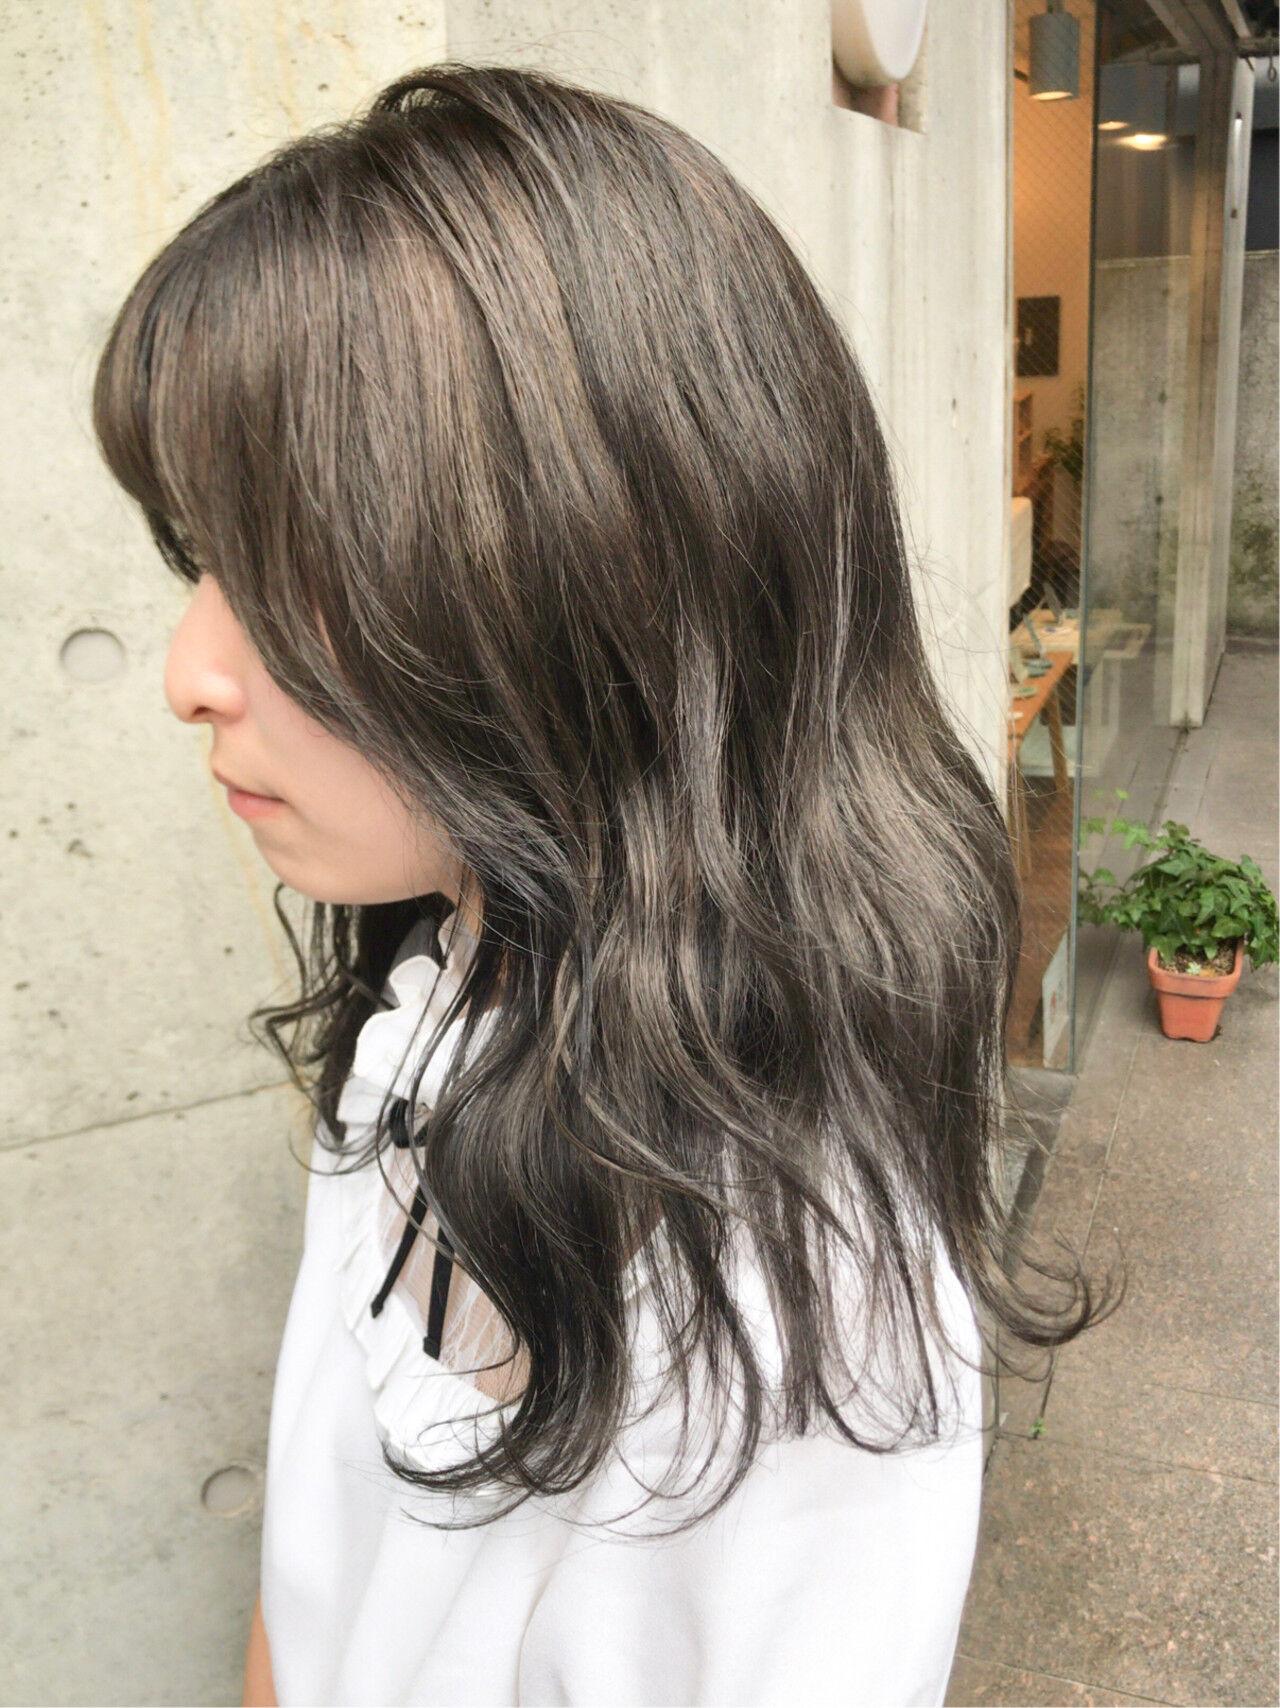 モード ブルーアッシュ ミディアム アッシュグレーヘアスタイルや髪型の写真・画像